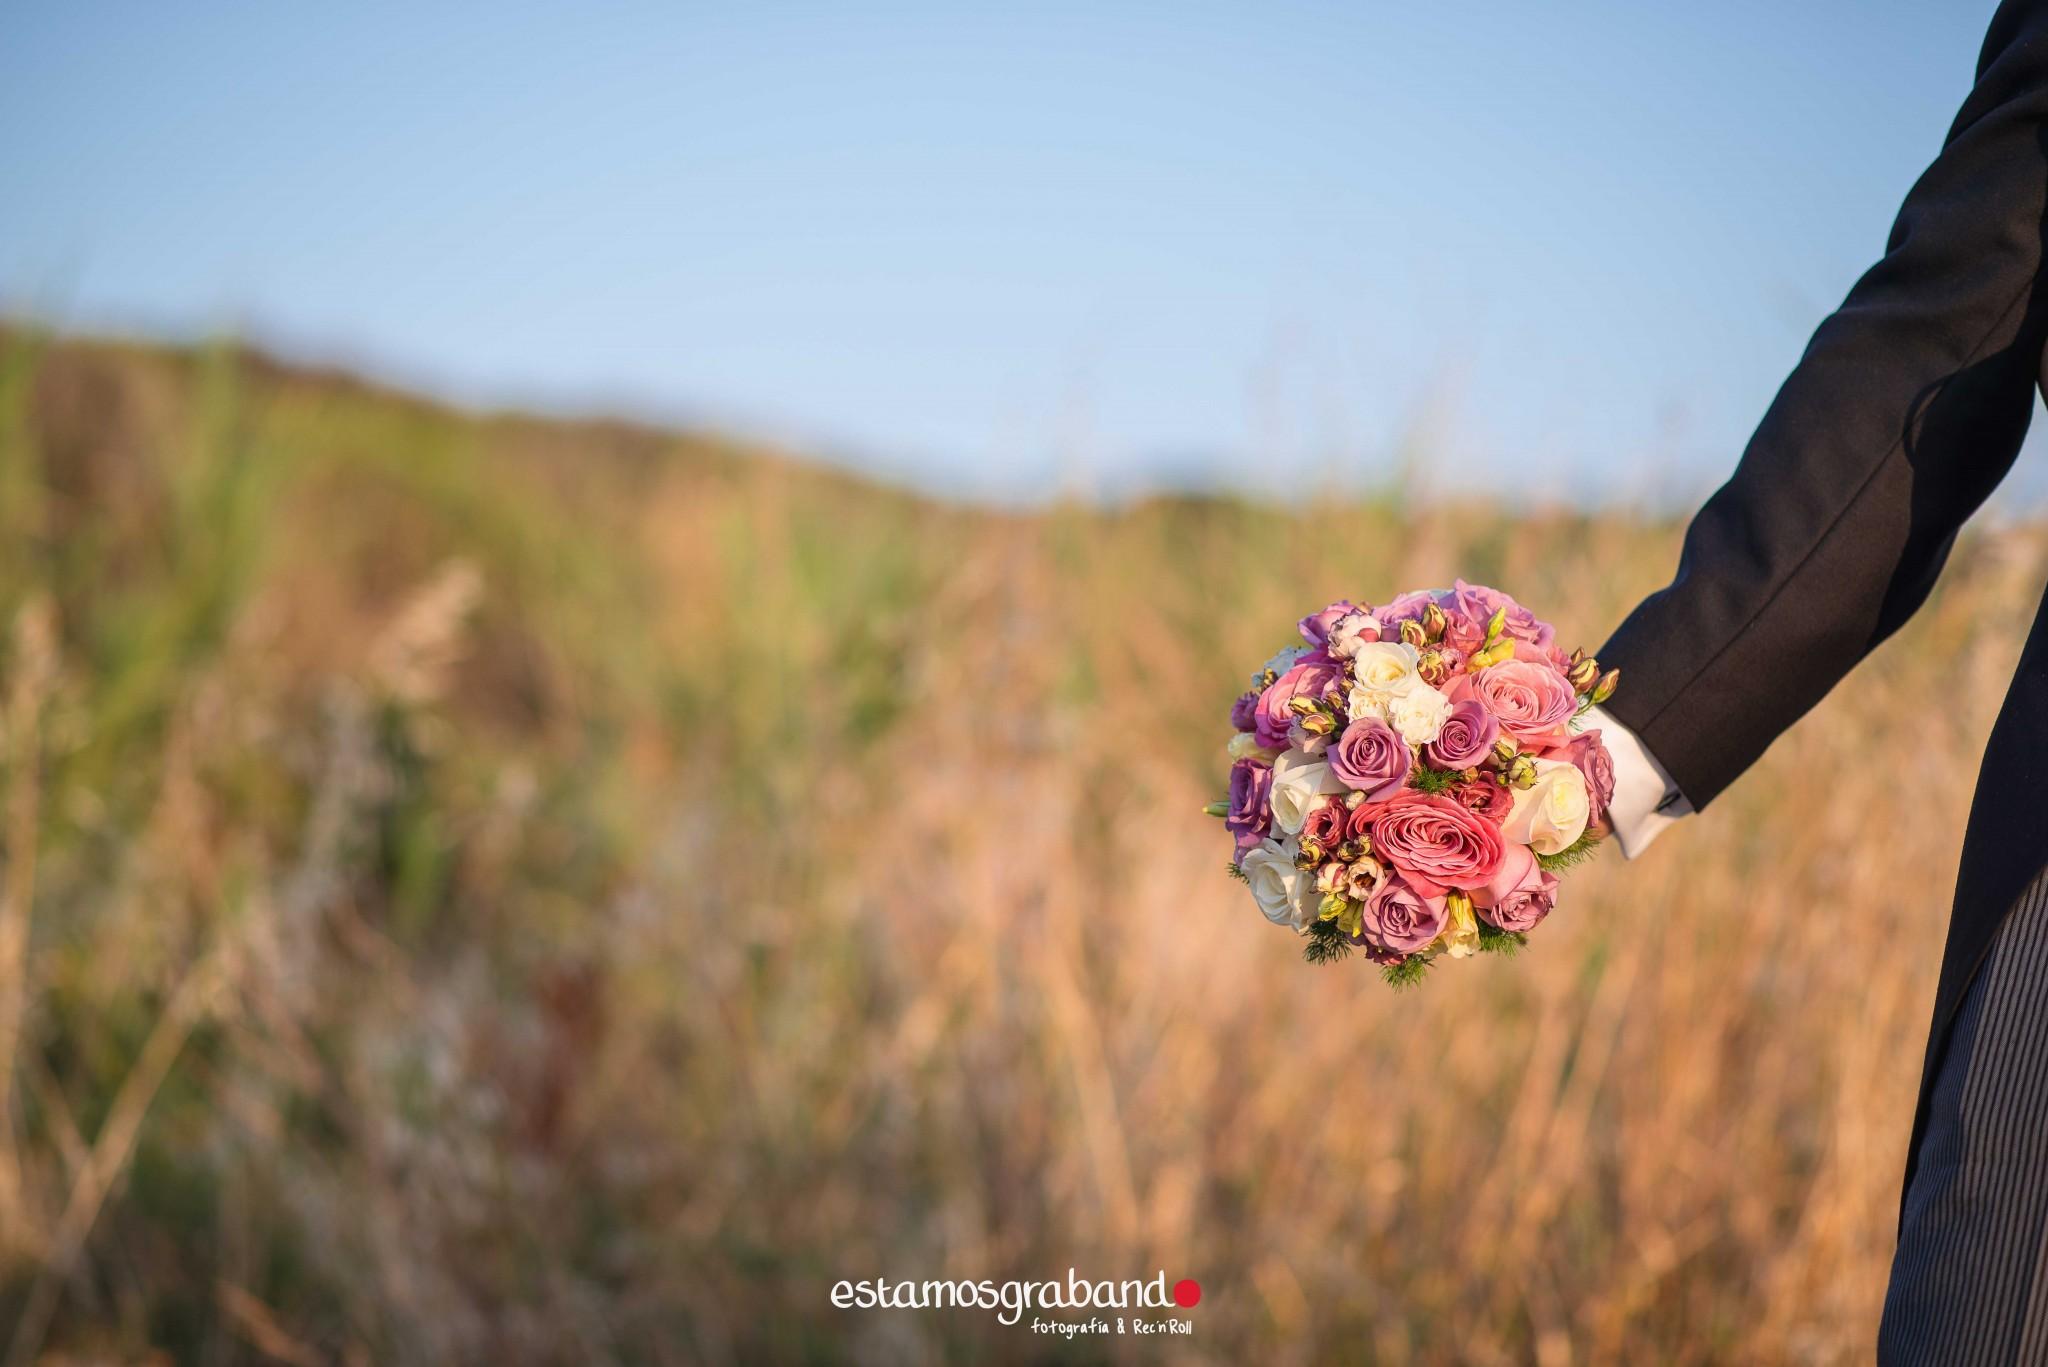 boda-en-chiclana_sonia-y-diego_fotograficc81a-de-boda-59 Zahara Sonia + Diego [Fotografía de Boda en Zahara] - video boda cadiz